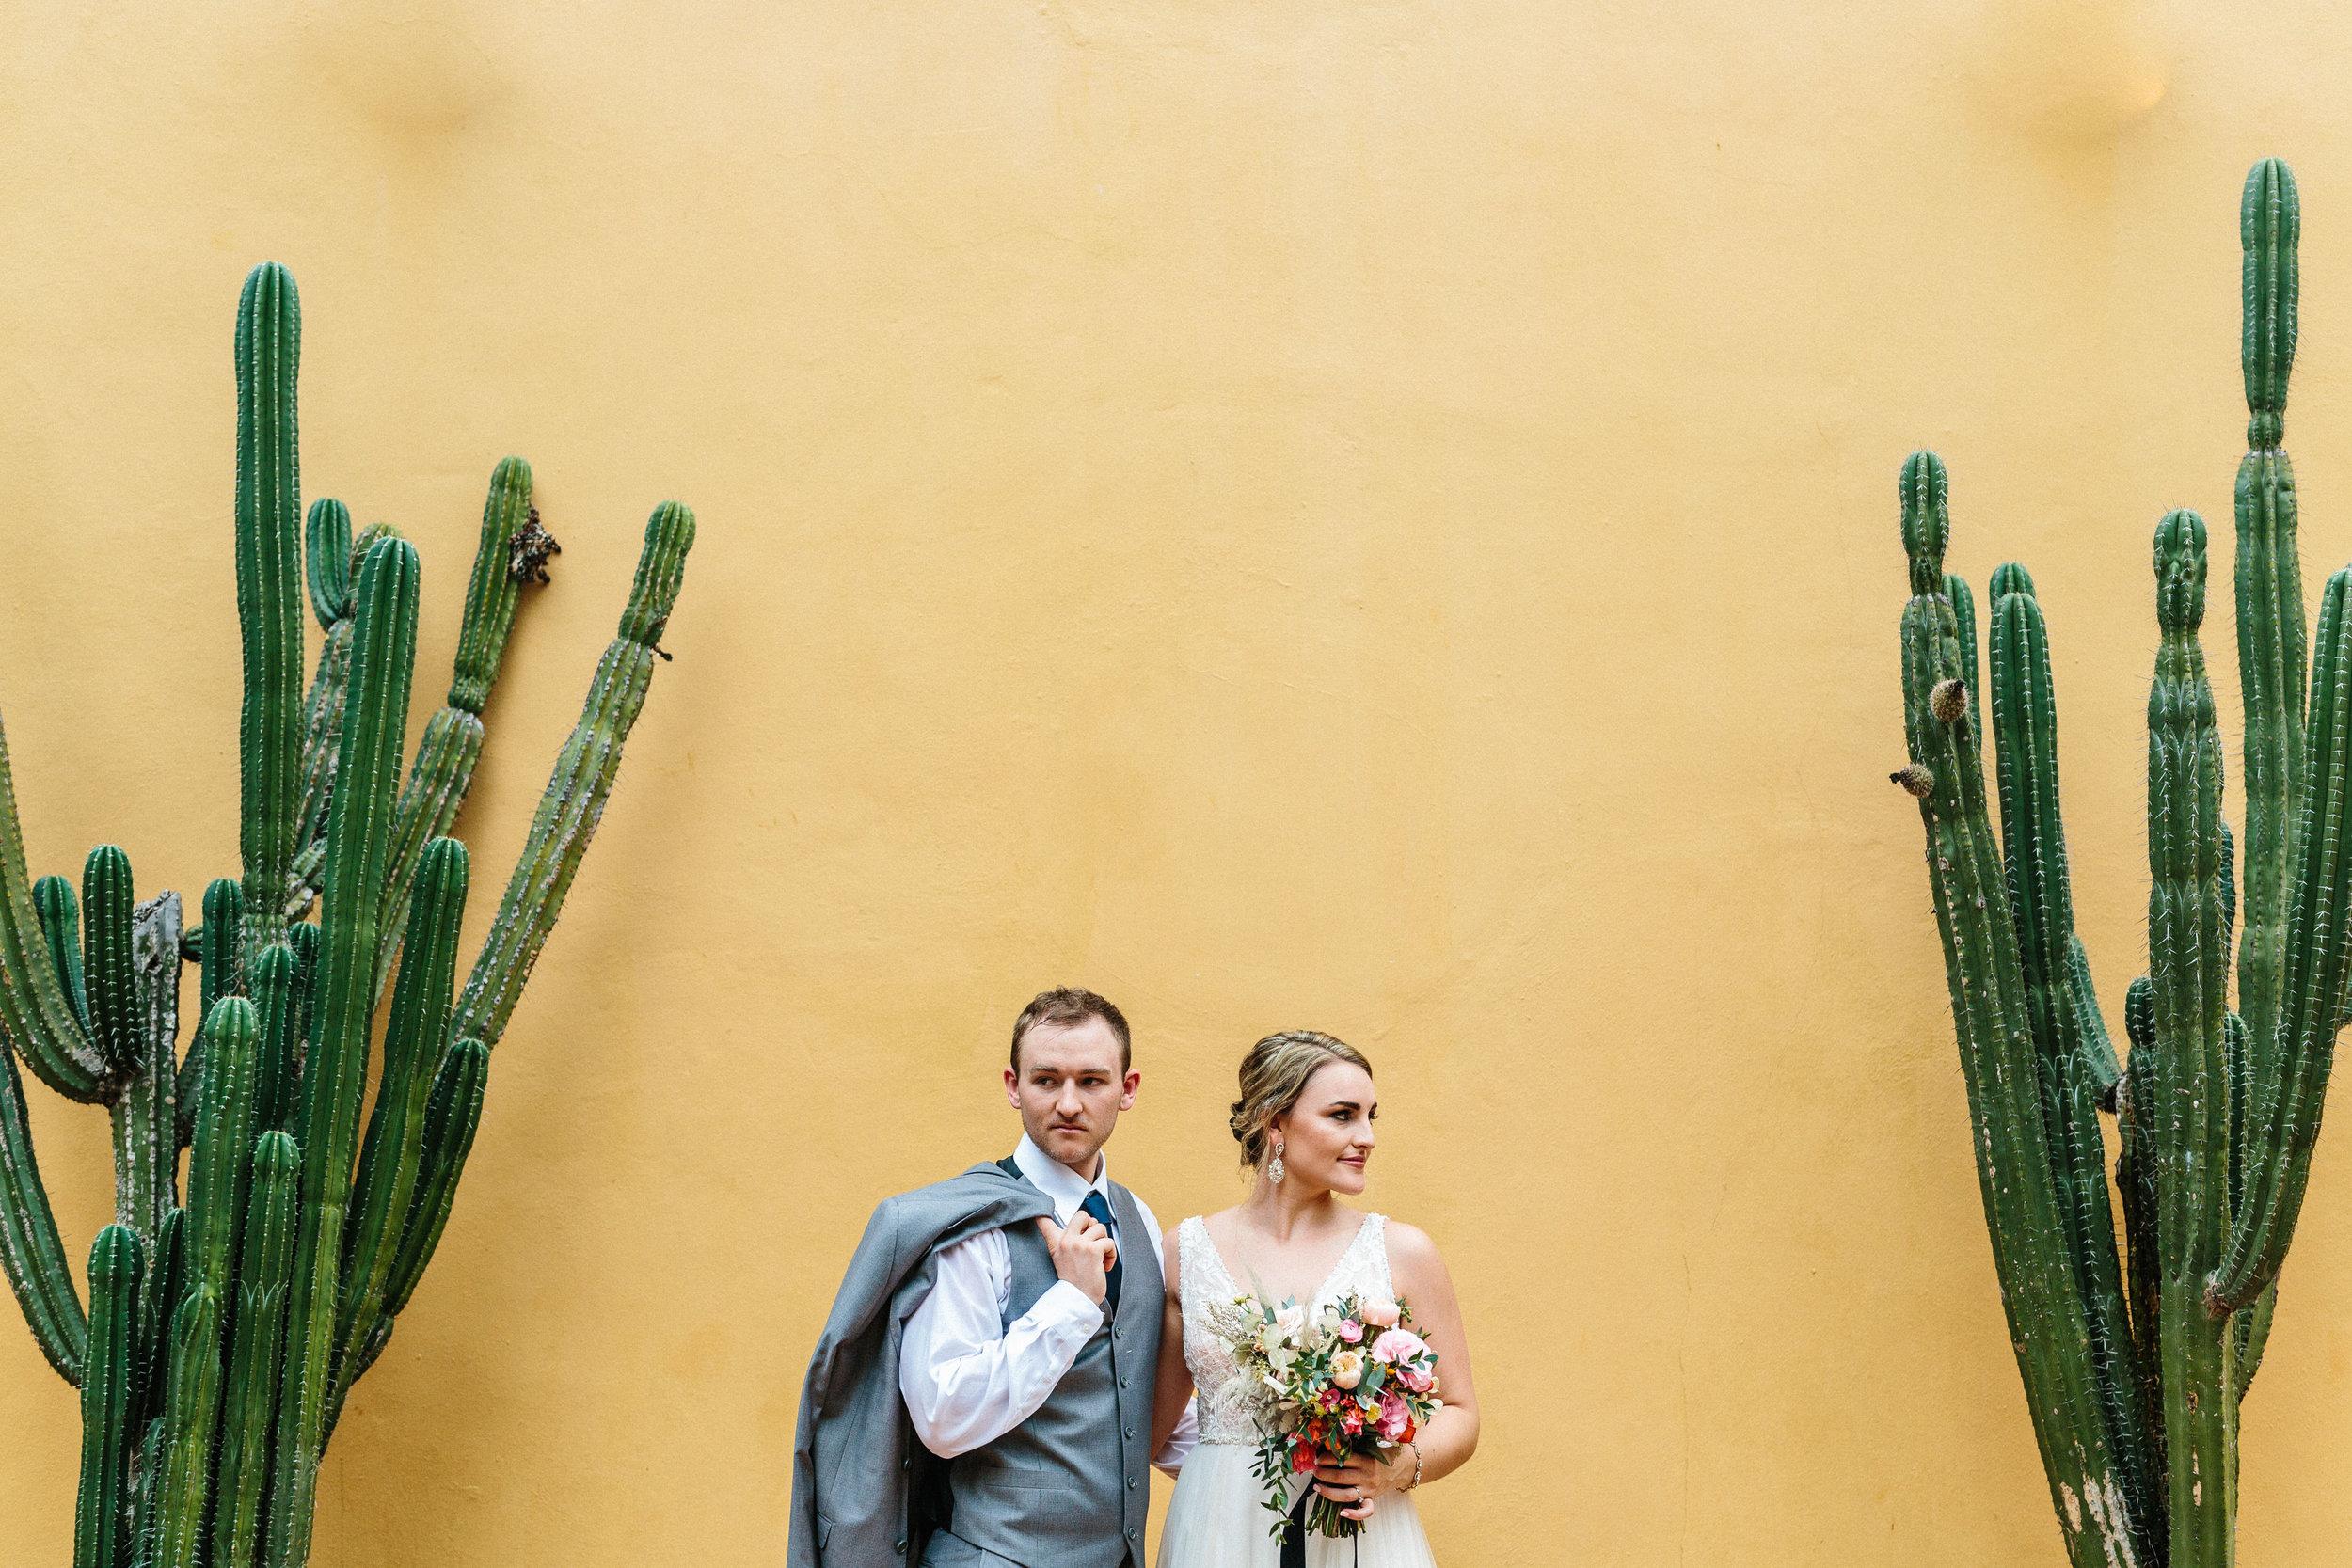 cool wedding portrait ideas.jpg